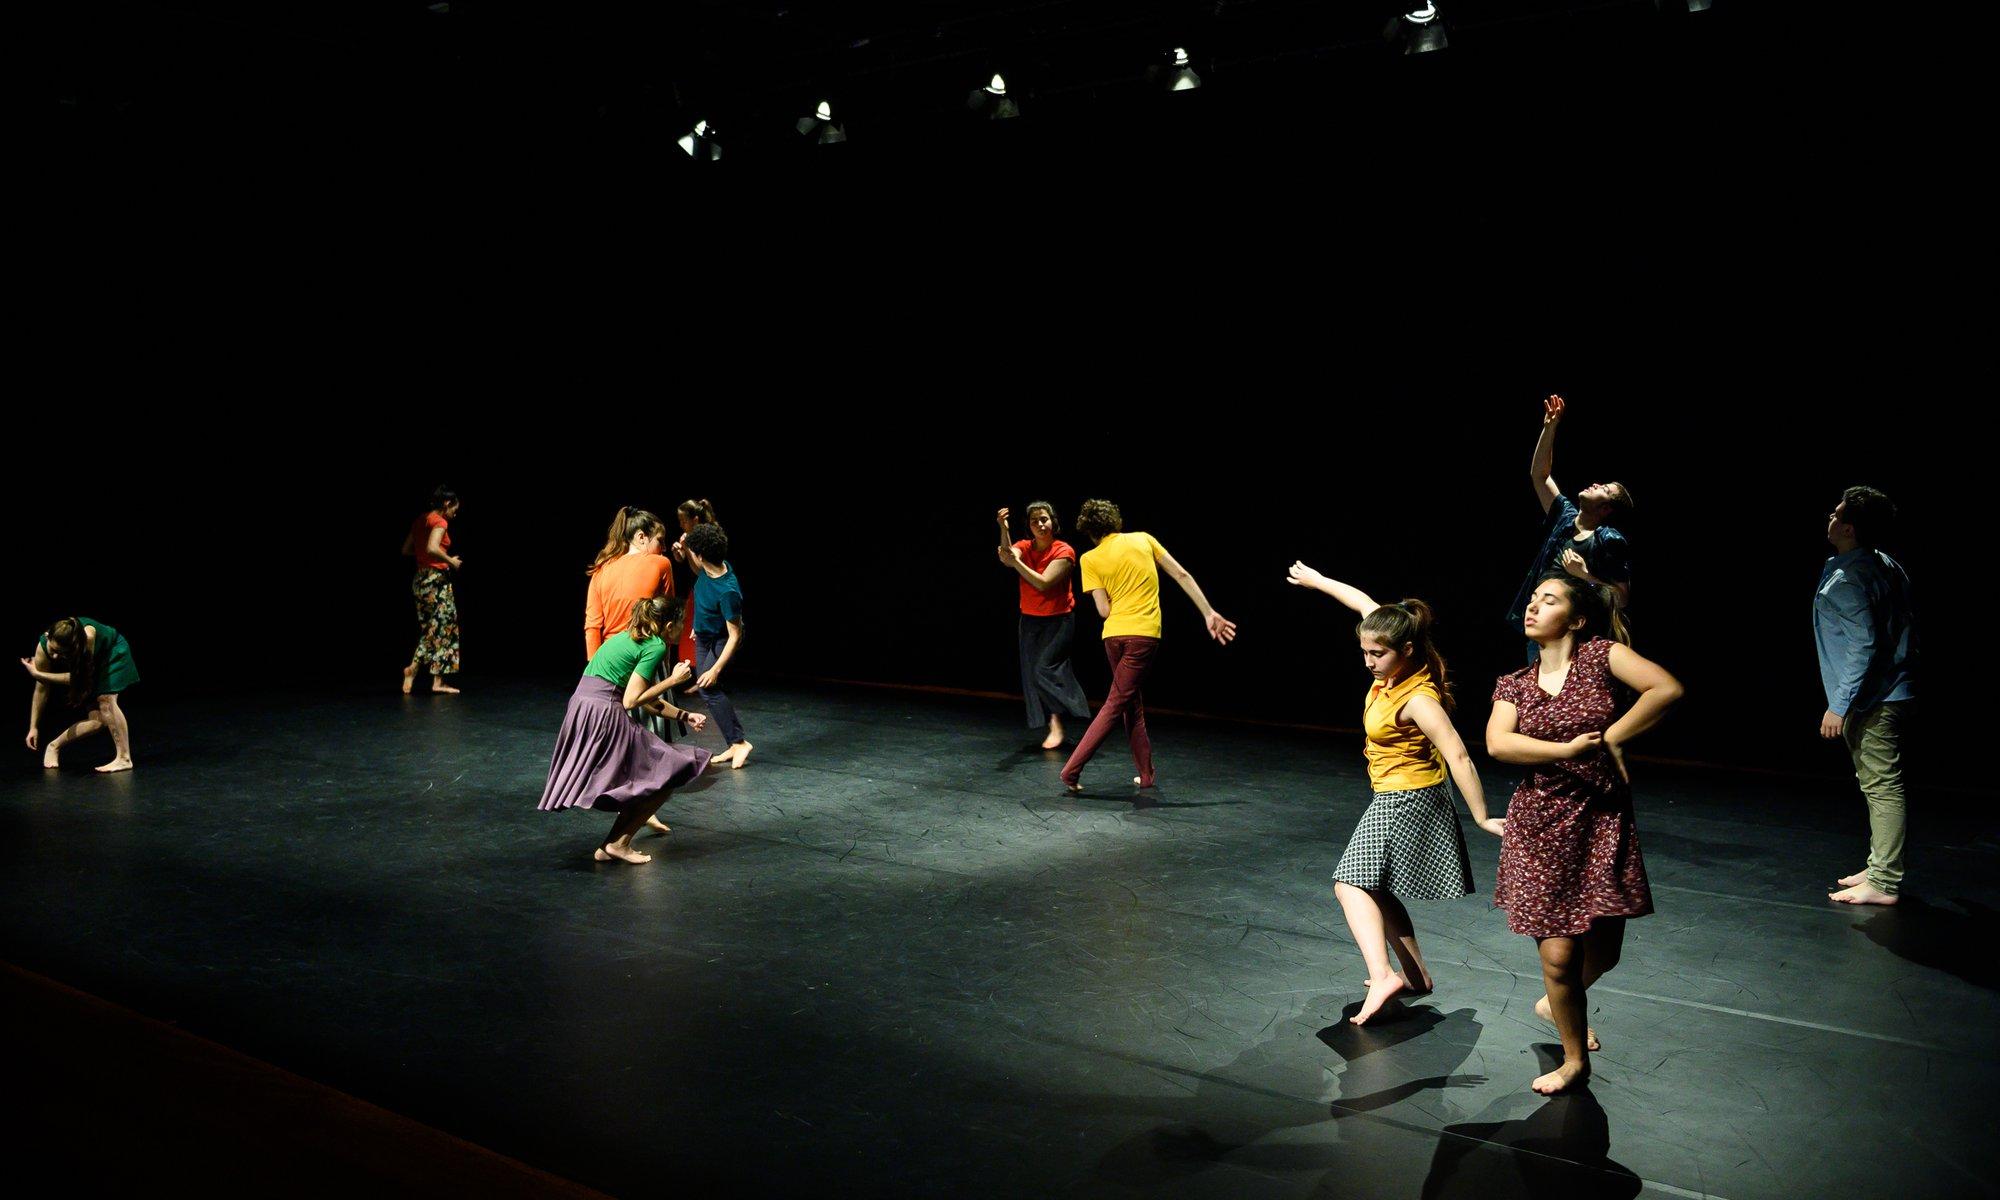 P.E.D.R.A. – Dança em Repertório de Vera Mantero com apresentação online hoje